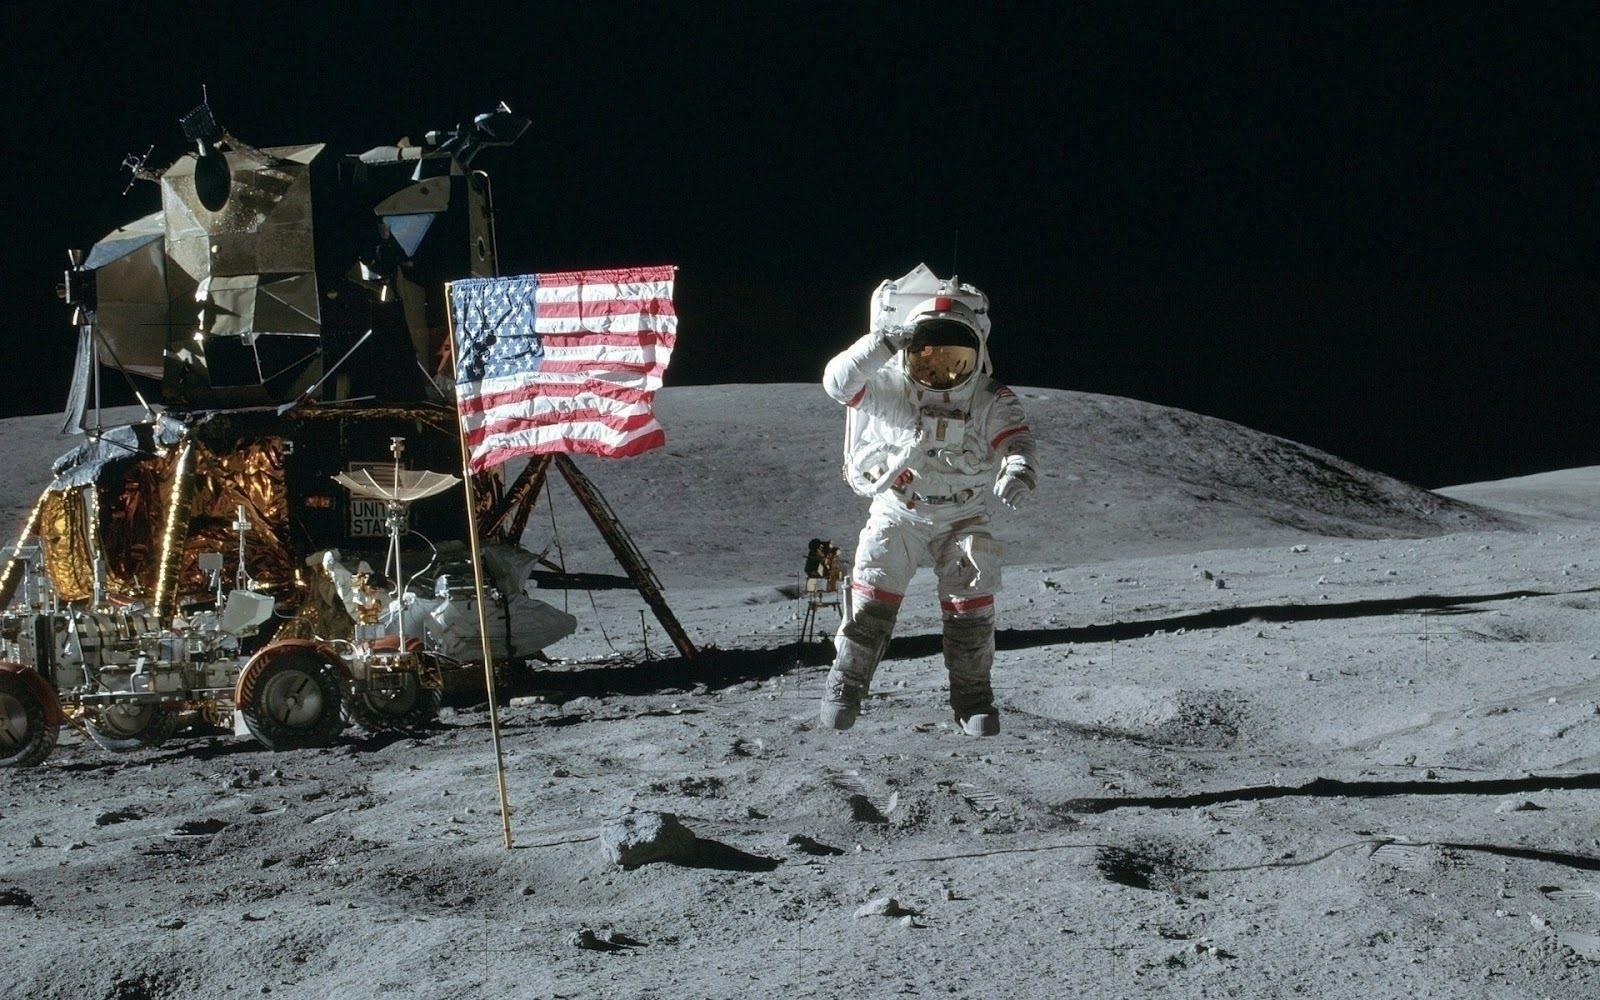 Саран дээр орхисон сансрын нисгэгчдийн ялгадсыг дэлхийд буцаан авчрах санааг Баз Алдрин үгүйсгэсэнгүй